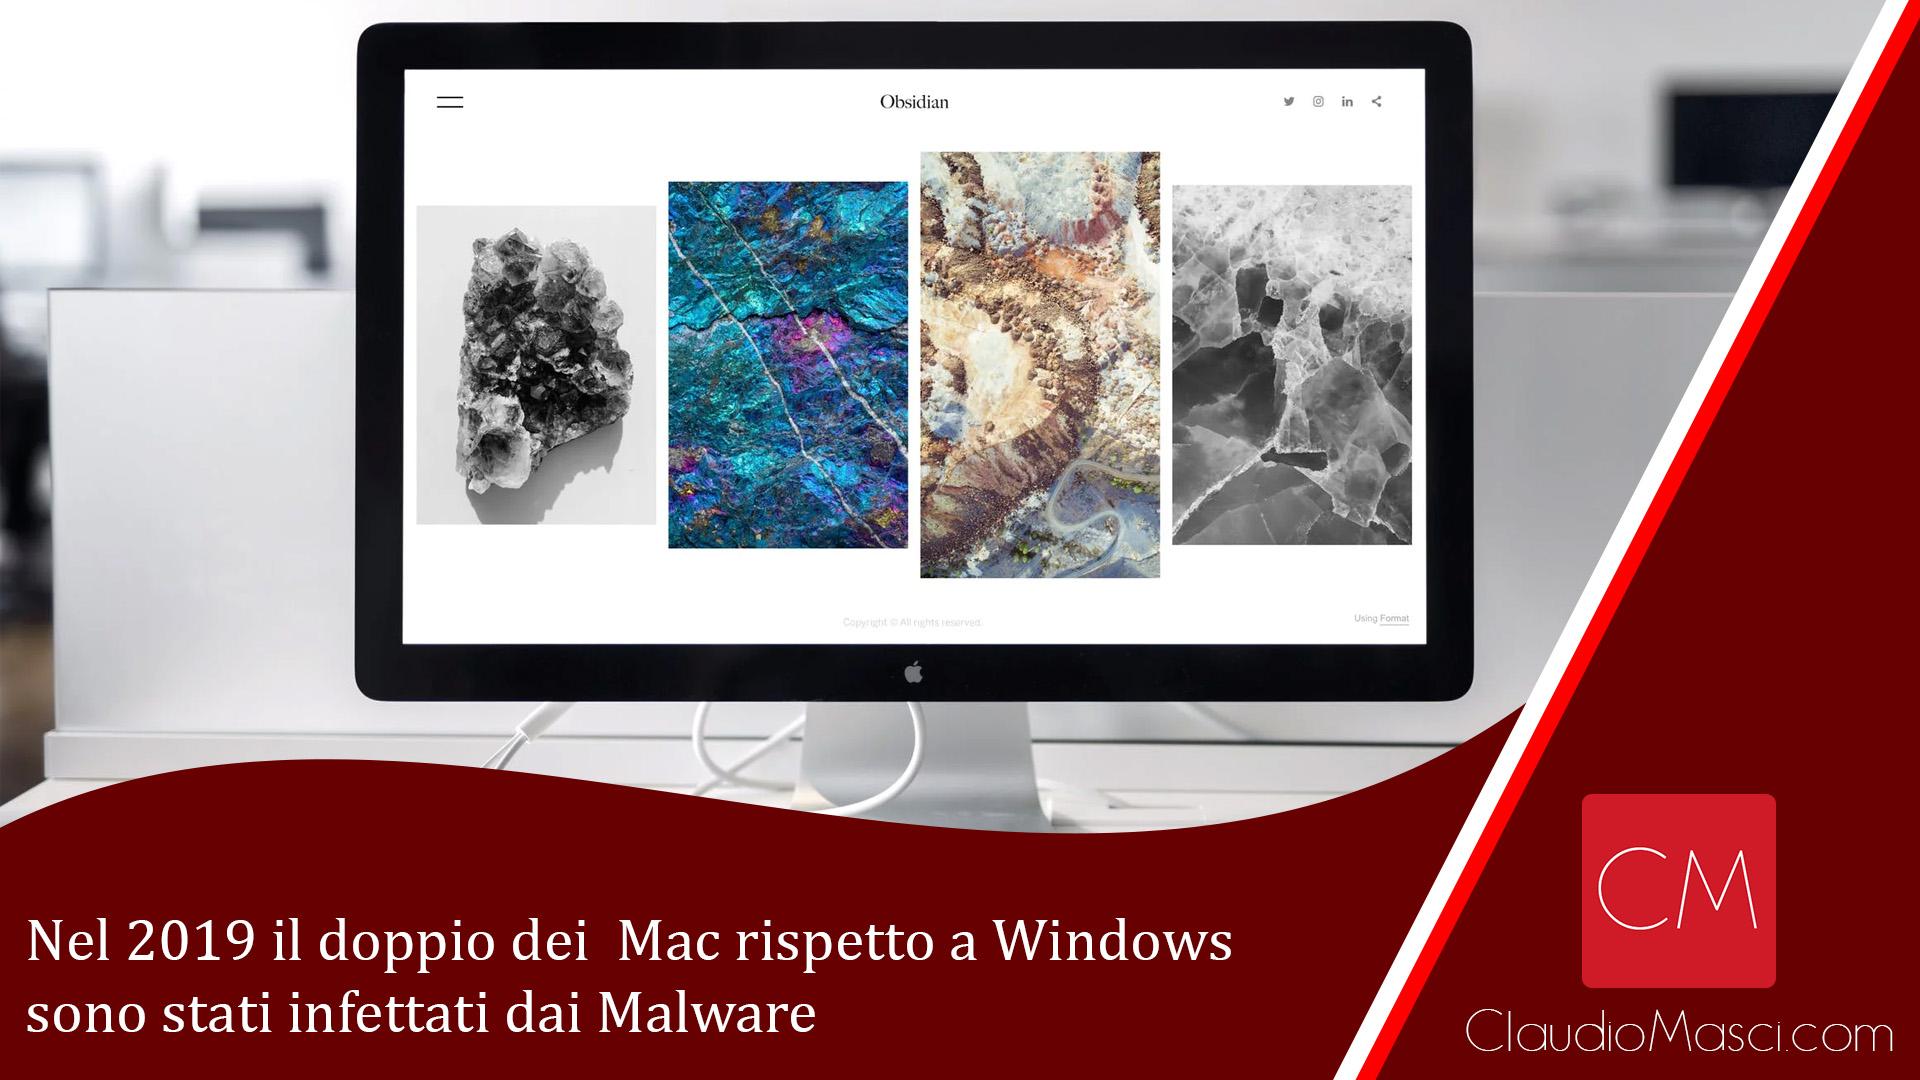 Nel 2019 il doppio dei Mac rispetto a Windows sono stati infettati dai Malware